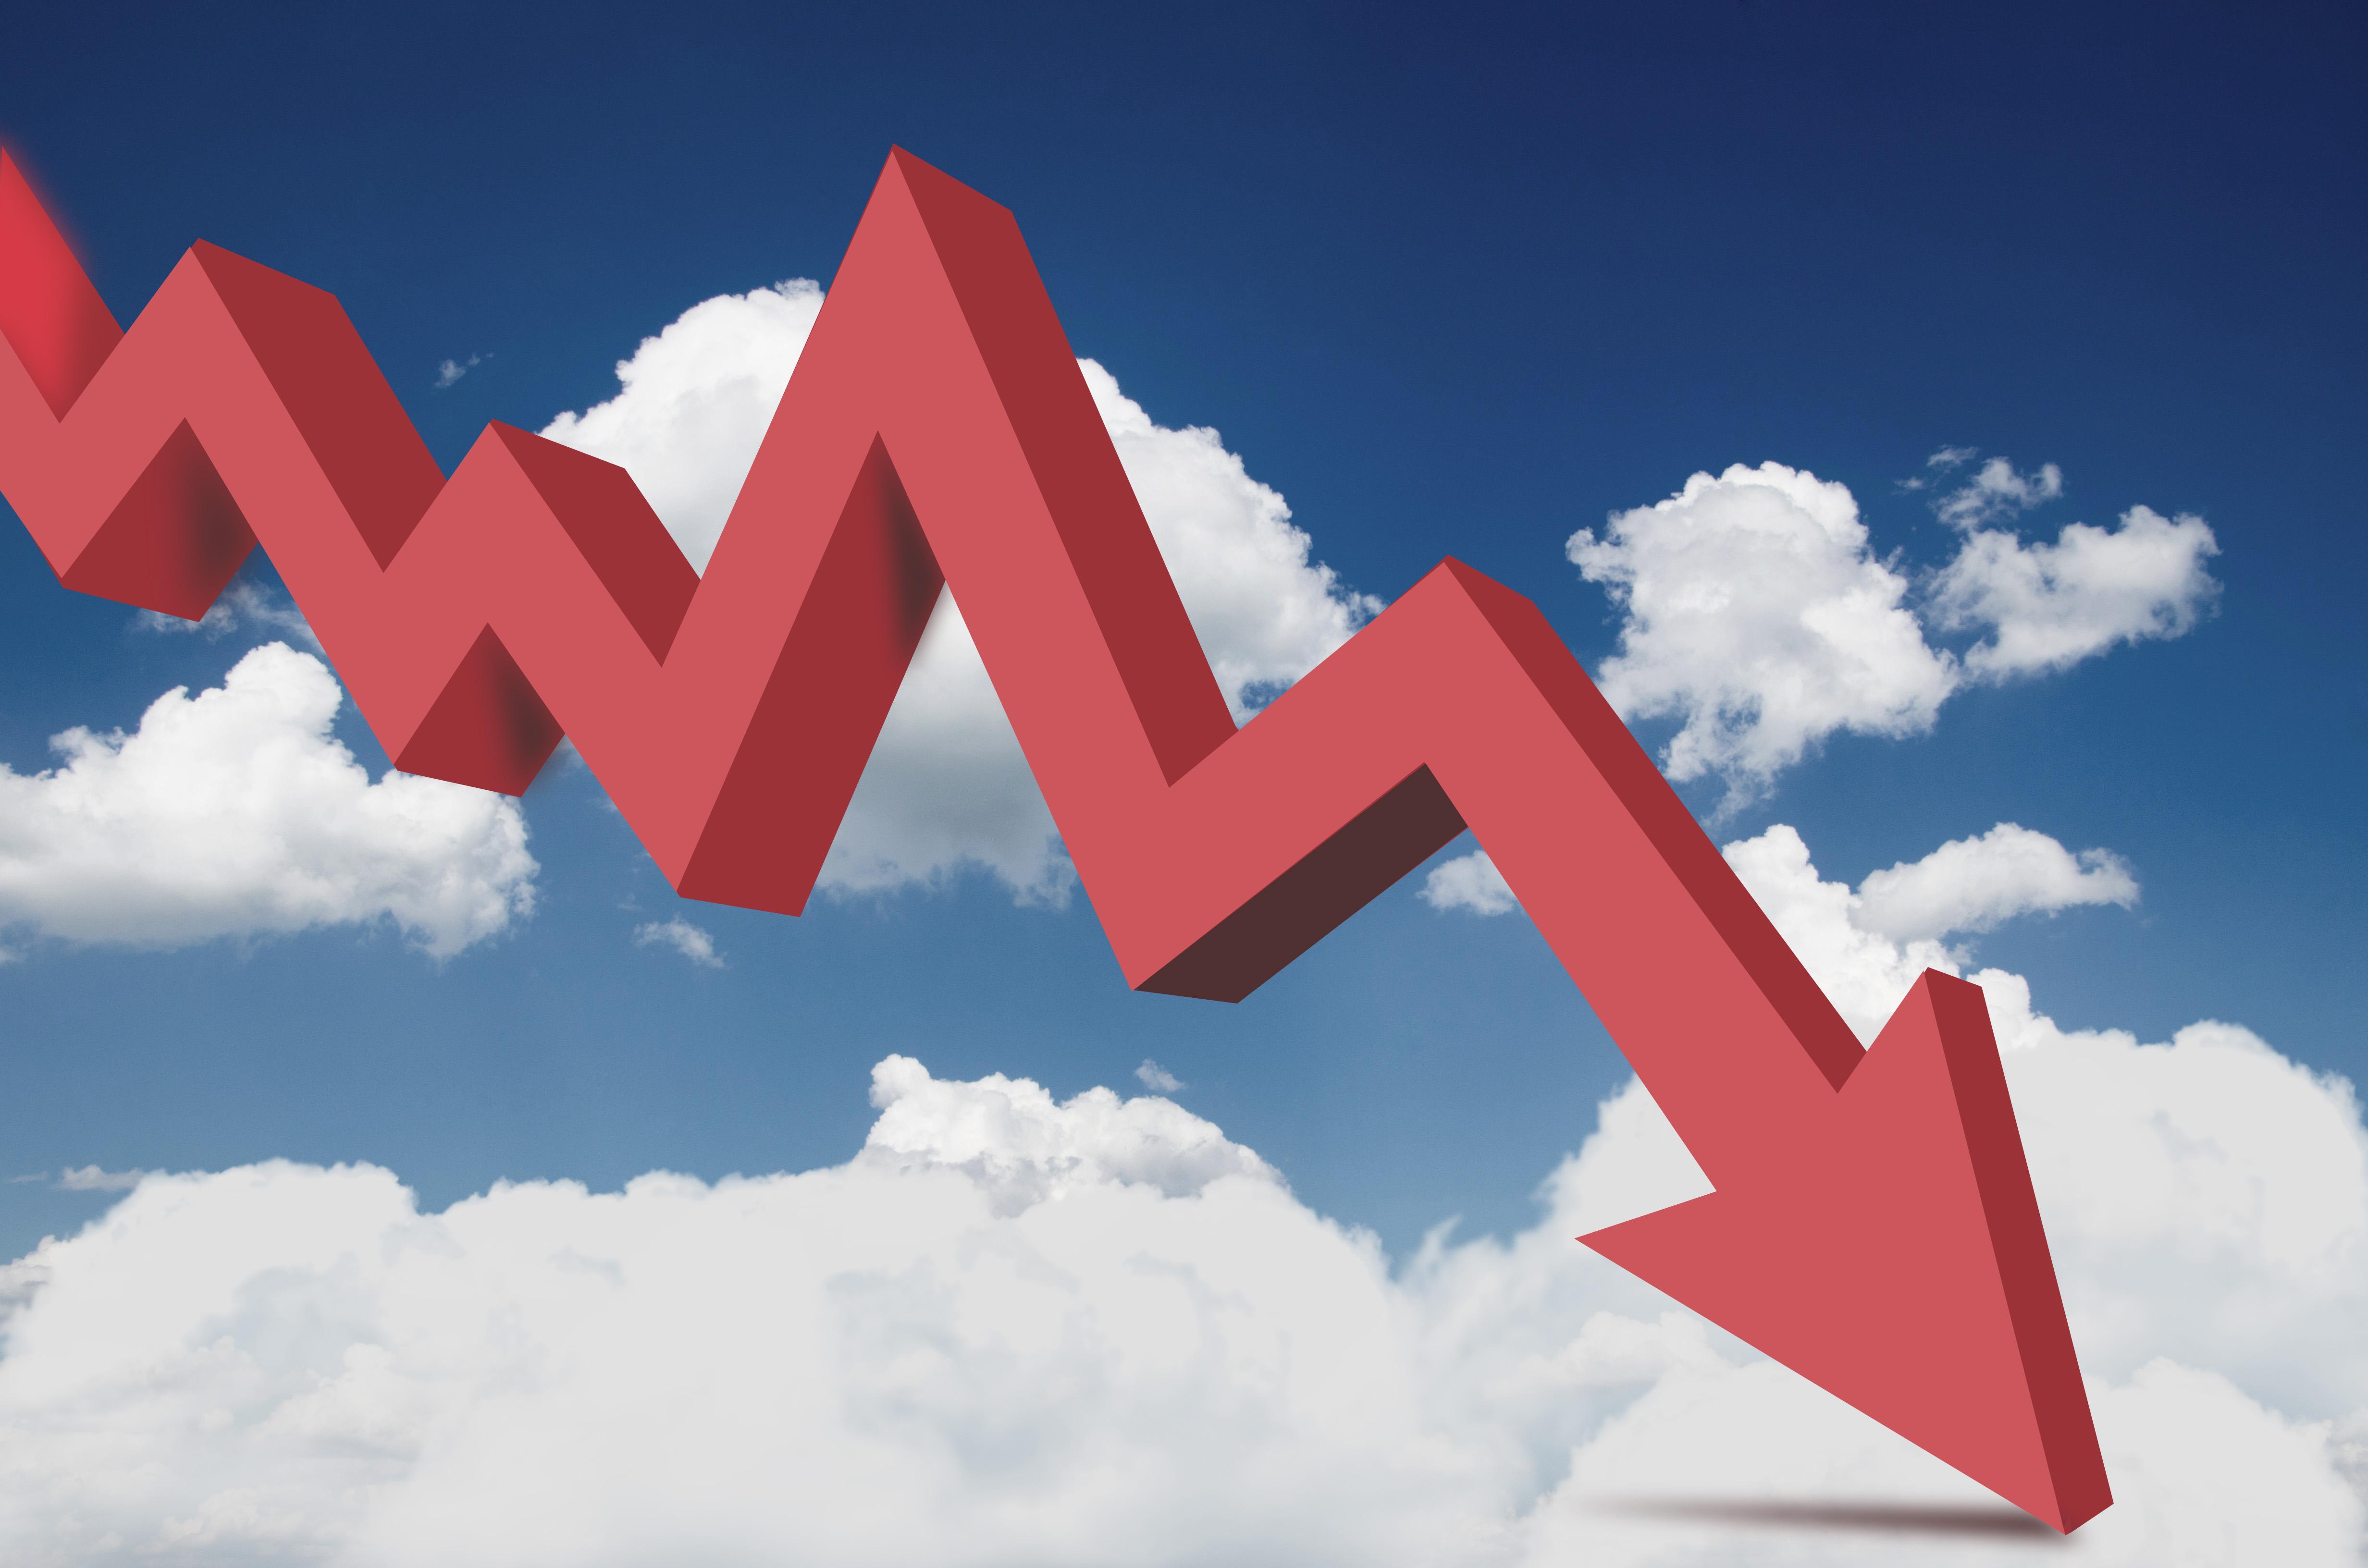 净利同比下降30.66%!青岛酷特智能披露2020年年报